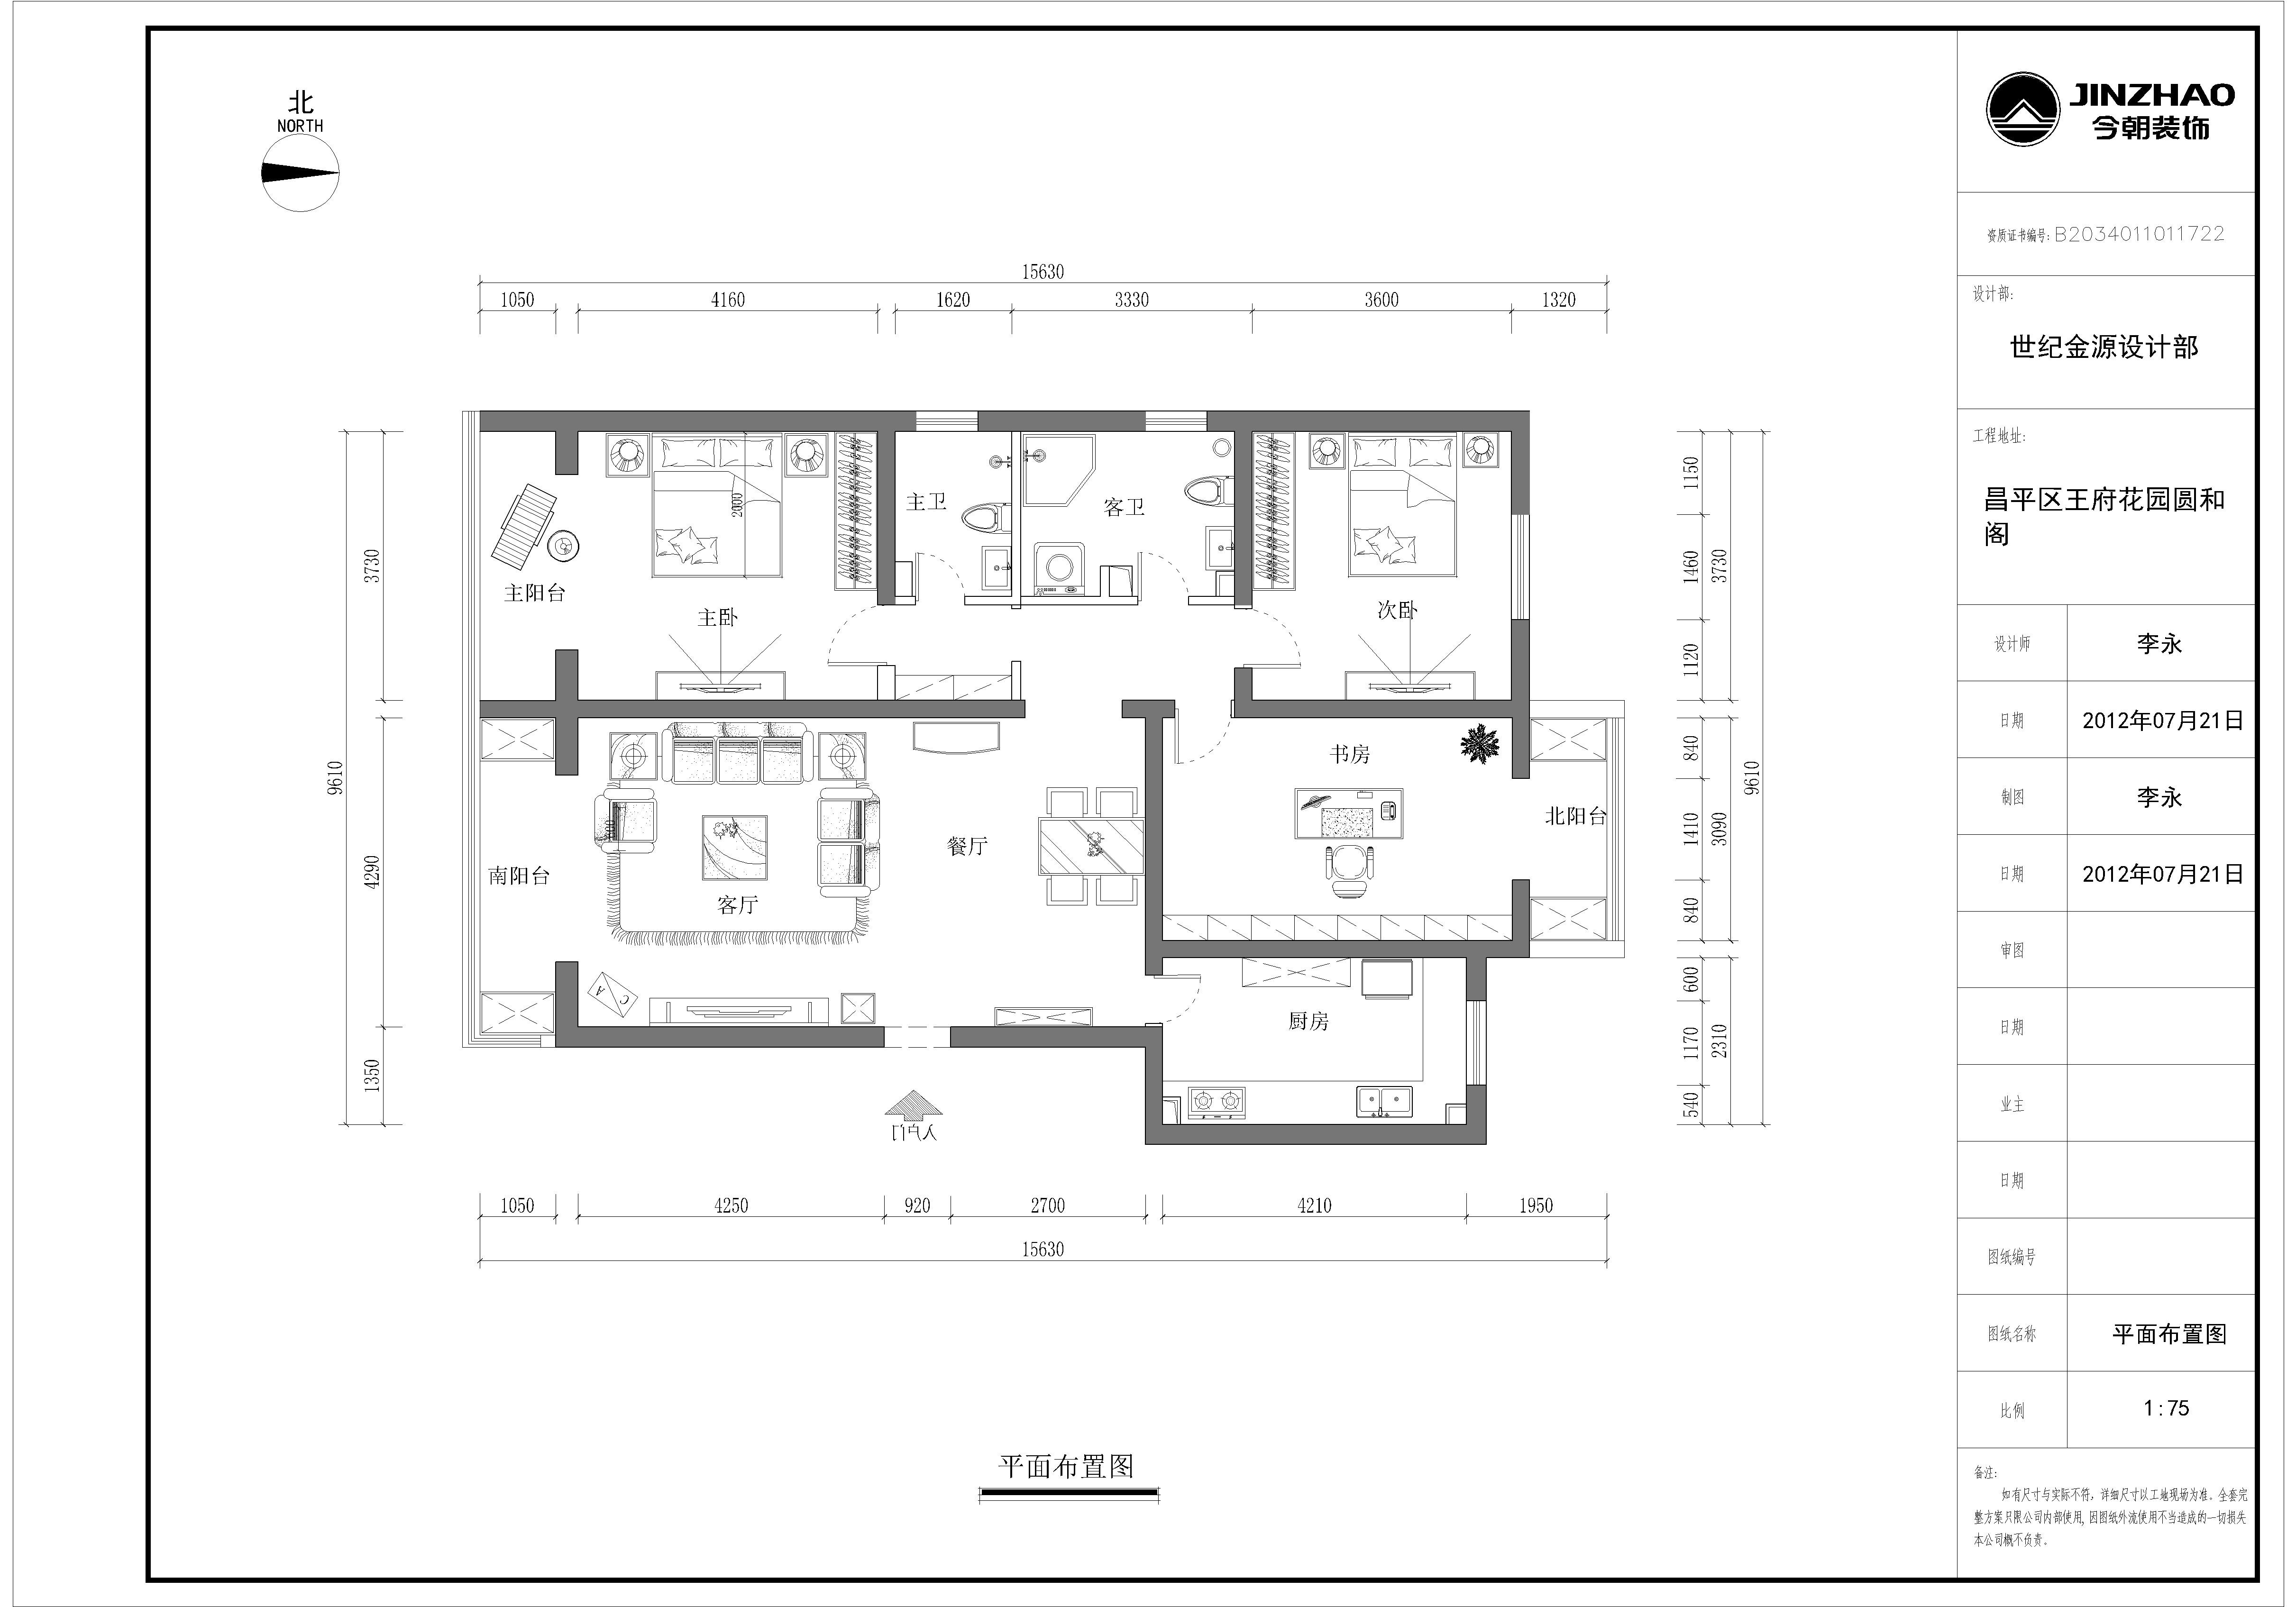 混搭 户型图图片来自今朝装饰老房专线在145平,混搭风,昌平区王府花园的分享